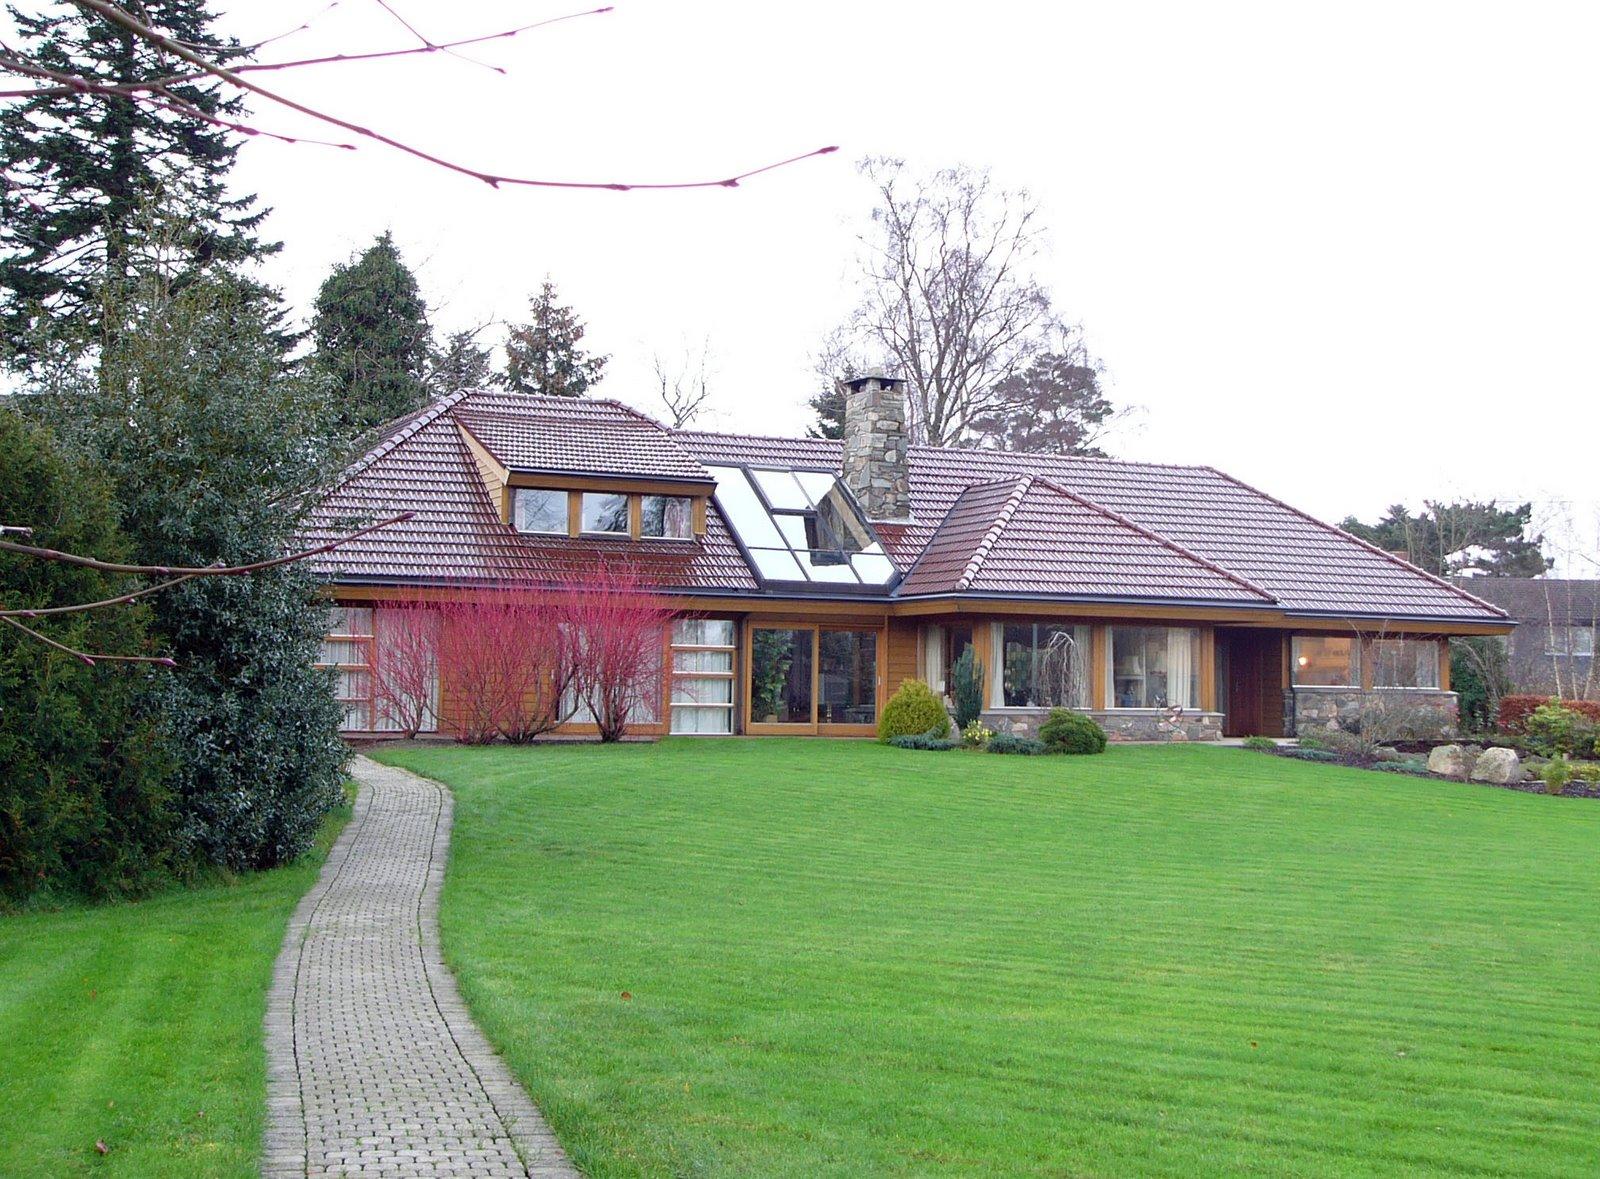 bg bg Expensive+House+in+Vaulen